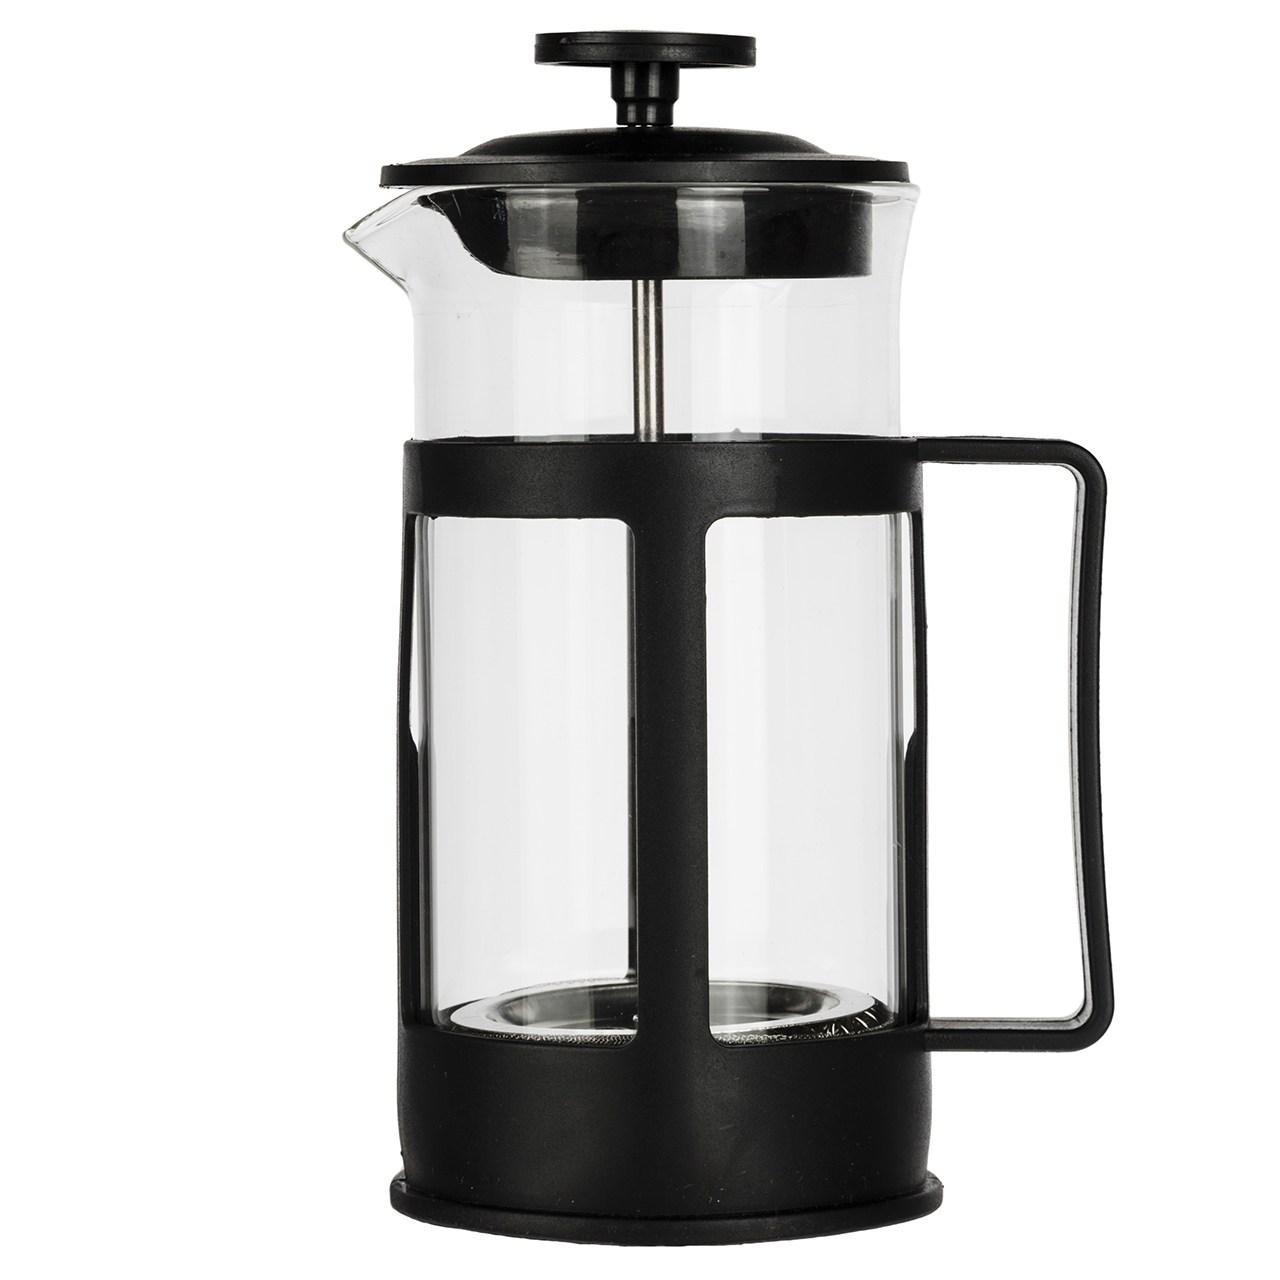 قهوه ساز یی تیان کد 1499